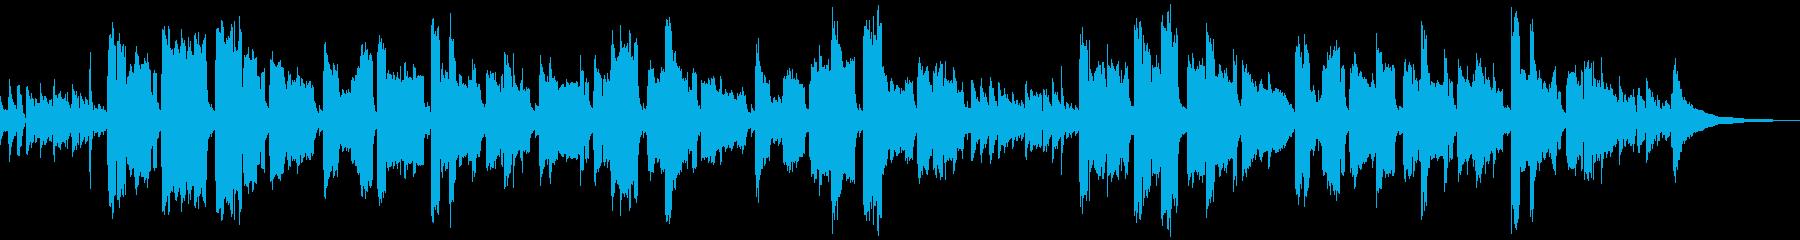 唱歌「ふるさと」の男声ギター弾き語りの再生済みの波形